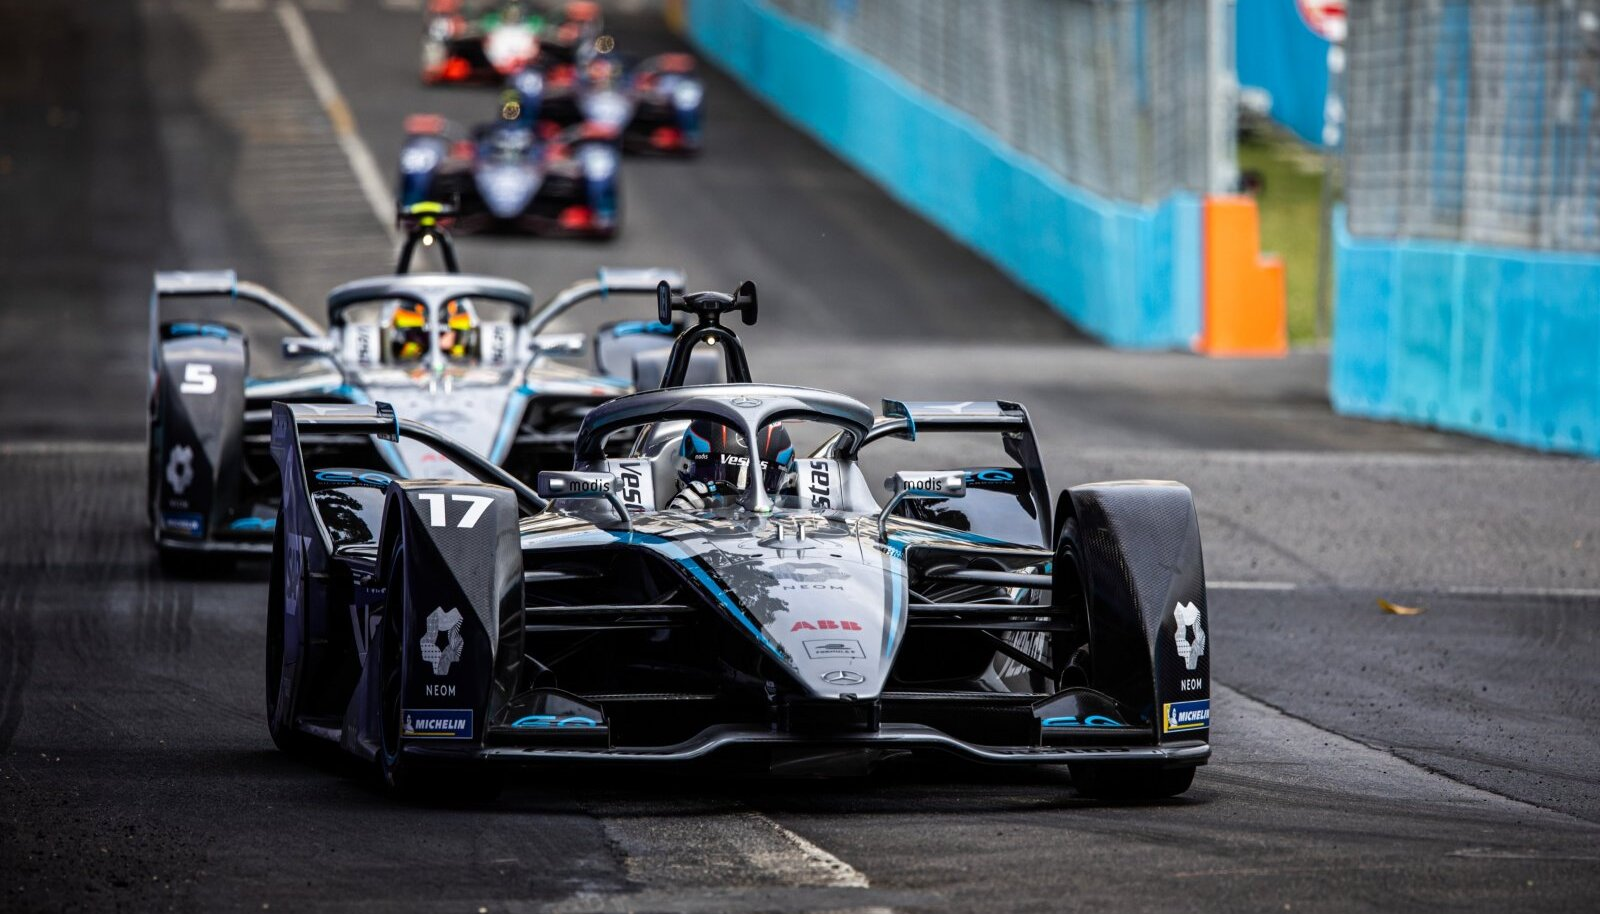 Elektrivormel võib küll kena välja näha, kuid publikut Formula E võidusõidud ei huvita.